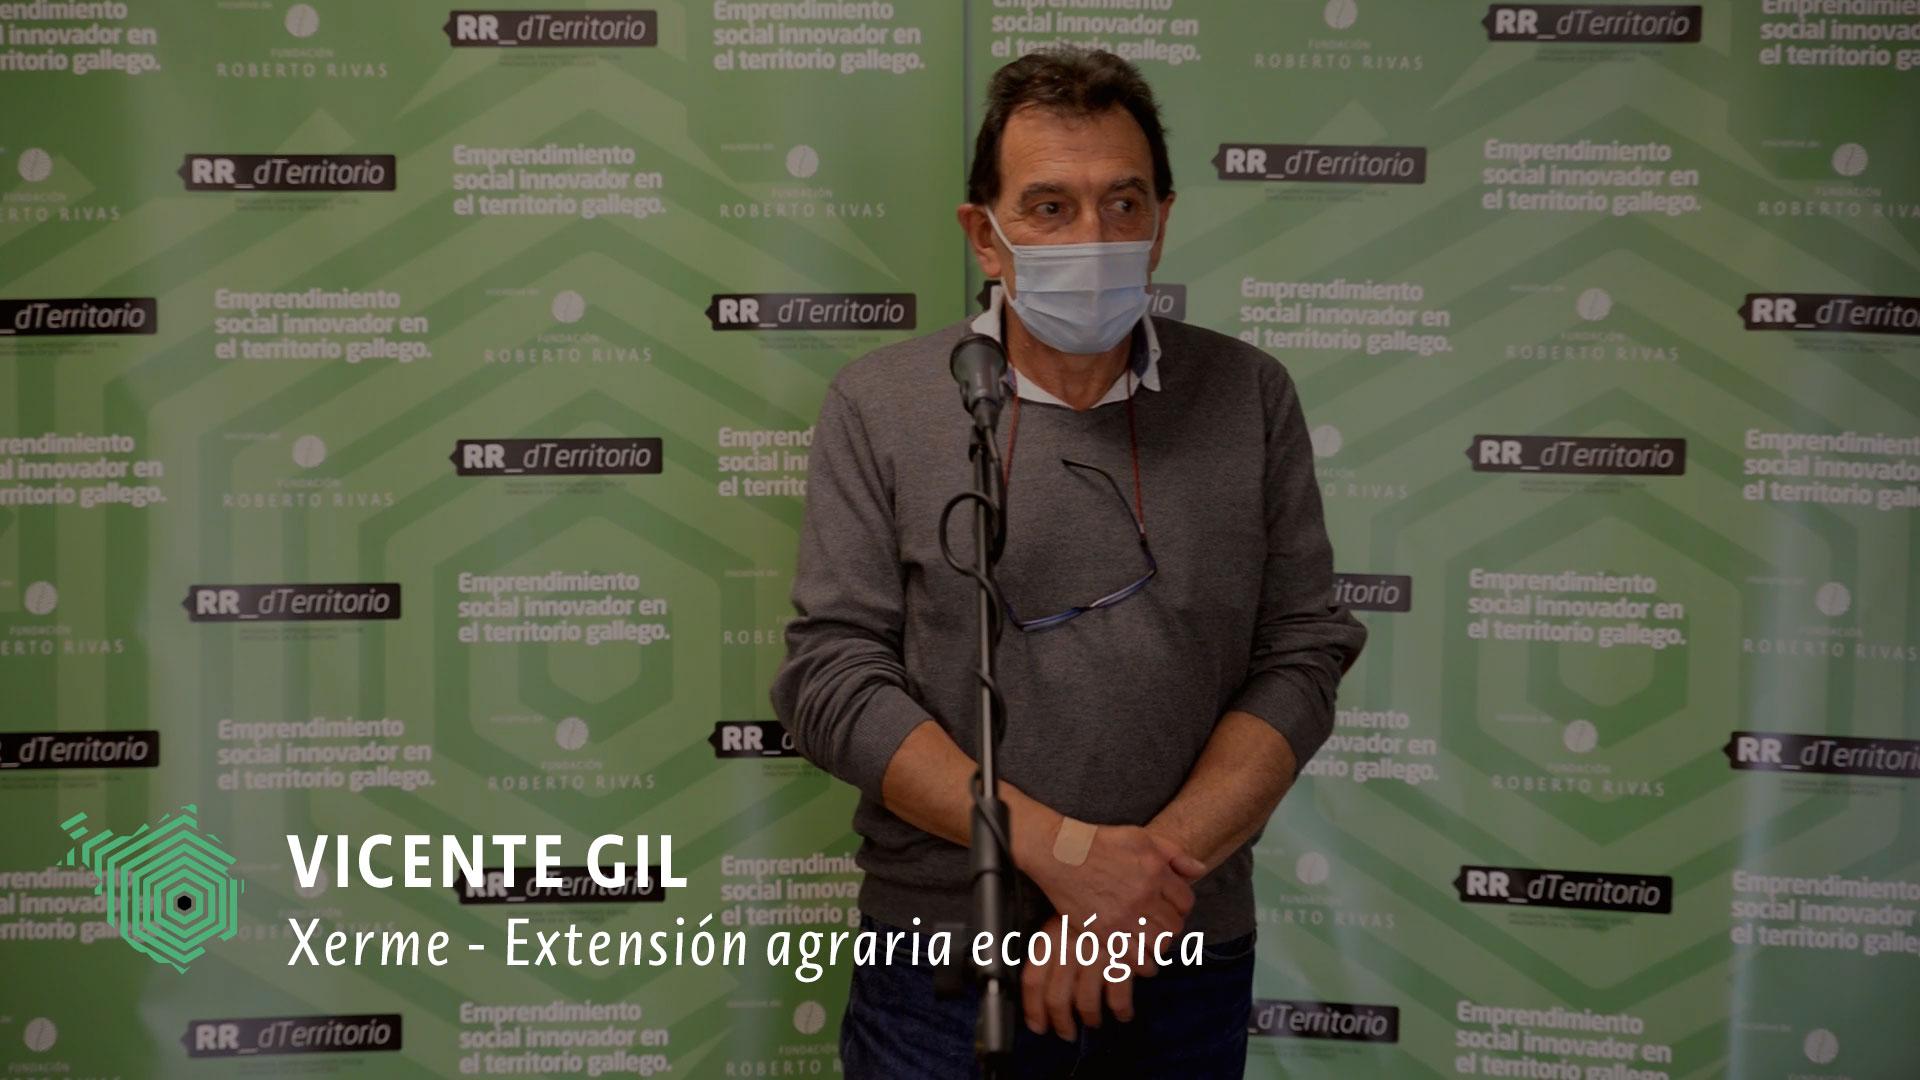 Xerme - Extensión agraria ecológica de Vicente Gil